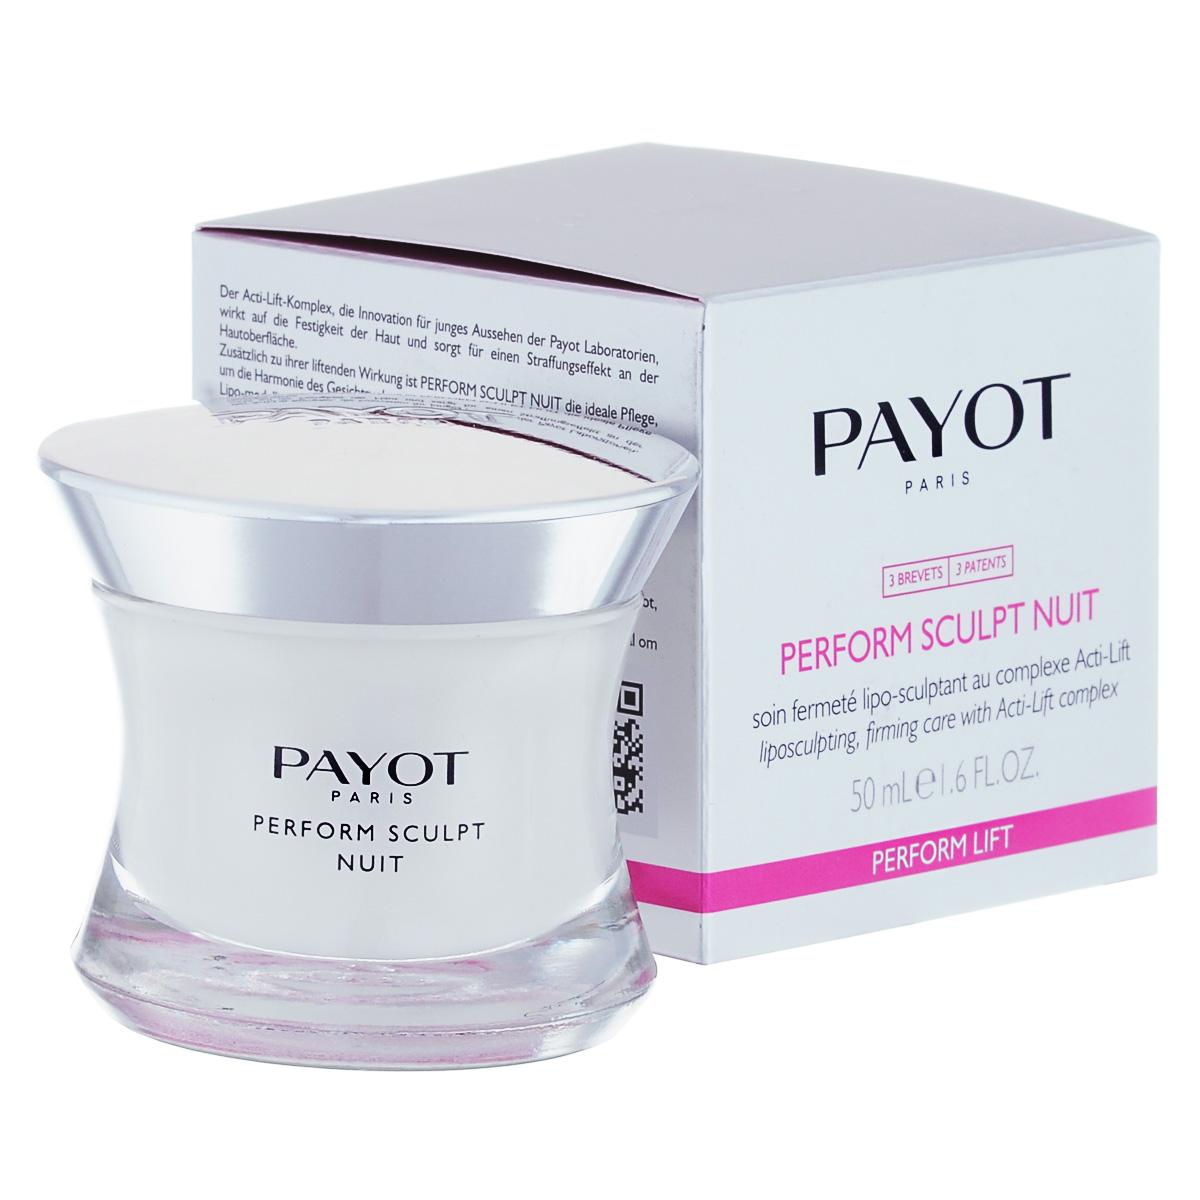 Payot ������ �������� ��� ������������� ����� ���� � ��������� ��������� ���� Perform Lift 50 �� - Payot65092107����������� � ������������ ����; ���������� ���� ��������� � ������������; ������� ������������ �������� �������; ��������������� ����� ����. ����� ���� �������� ������ � �������, ������� ������� ��������������, ������ ���� ����� ������.